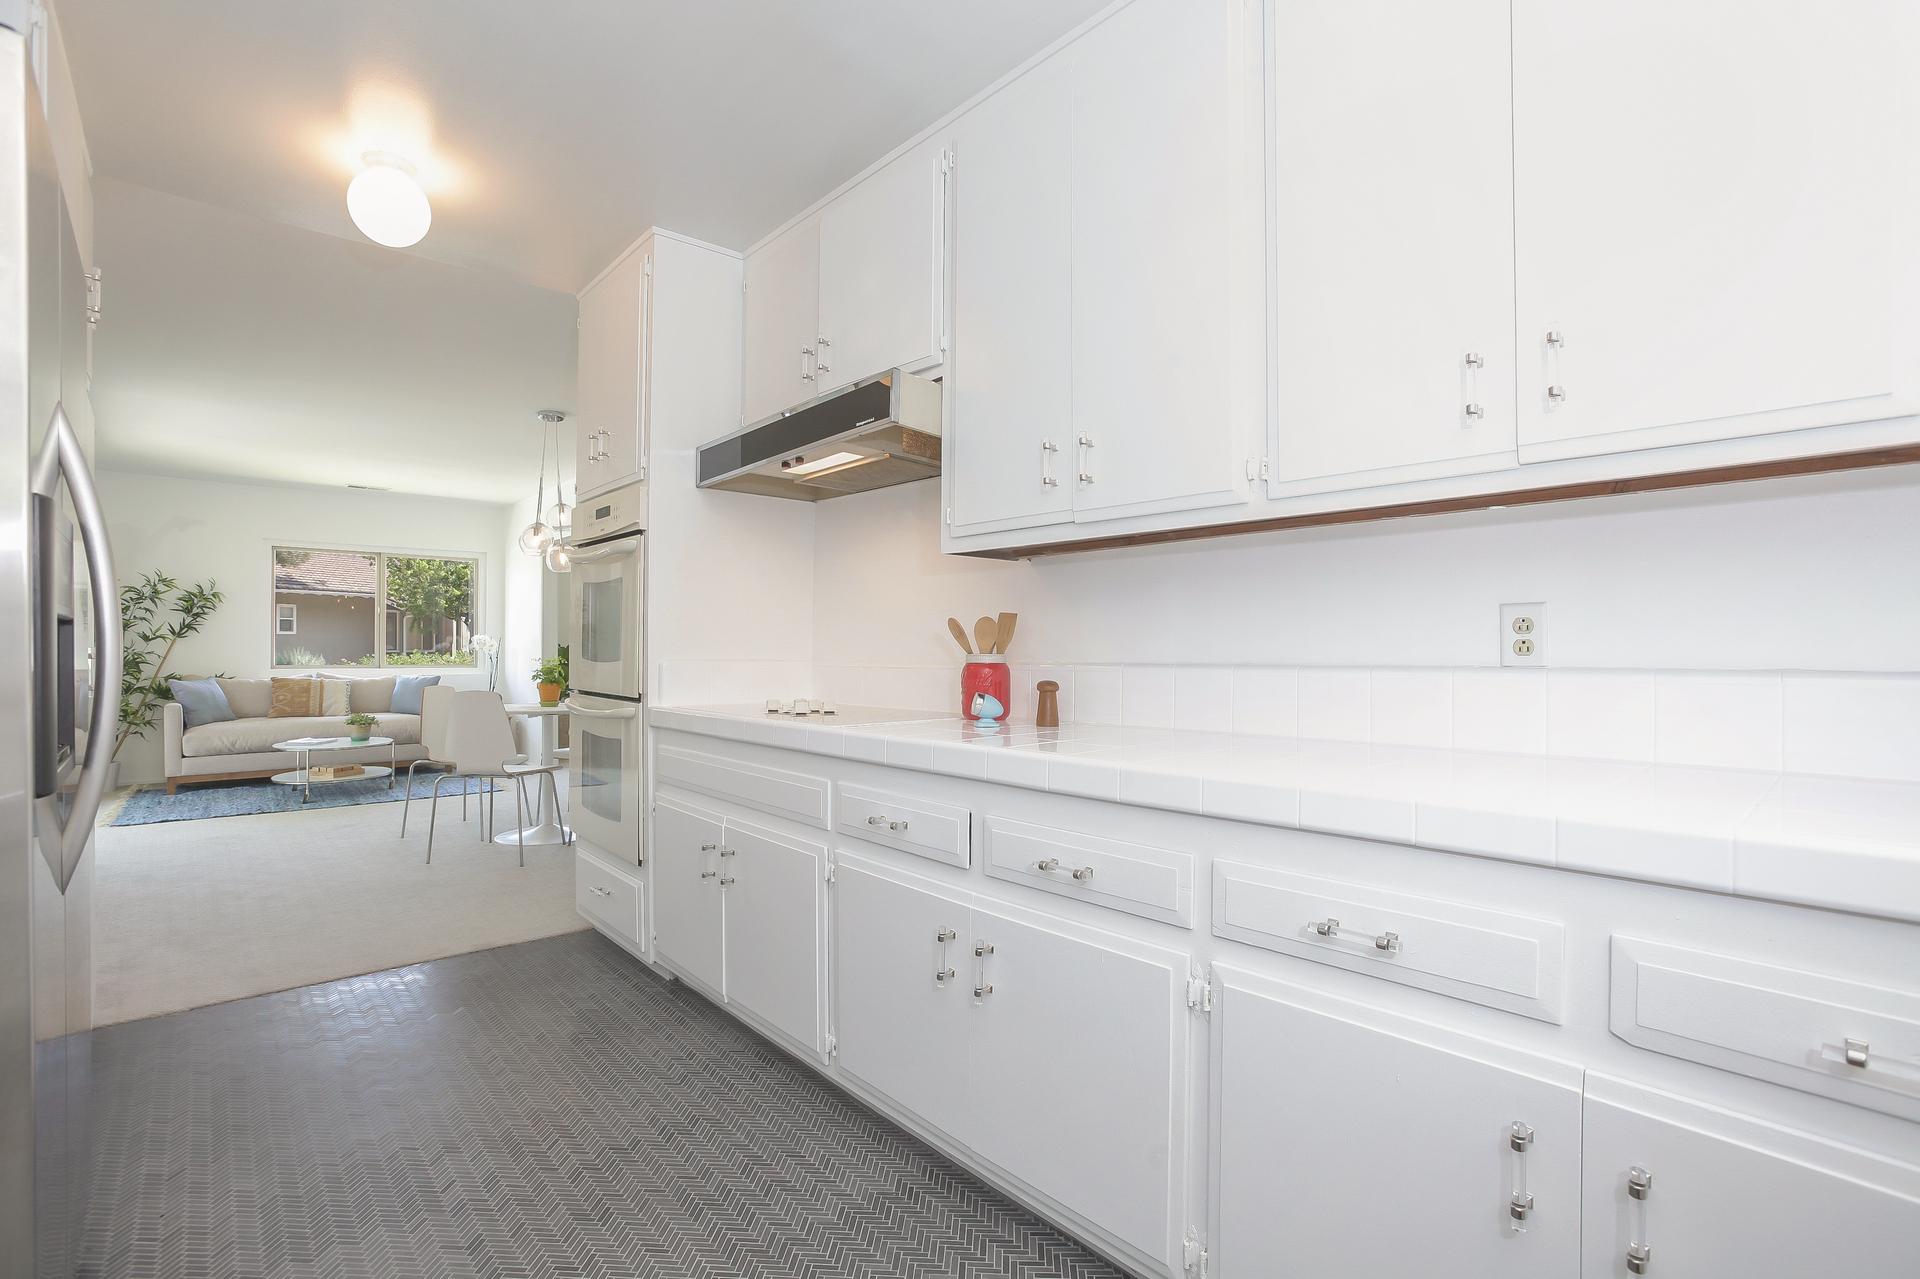 016-Kitchen-4443098-medium.jpg